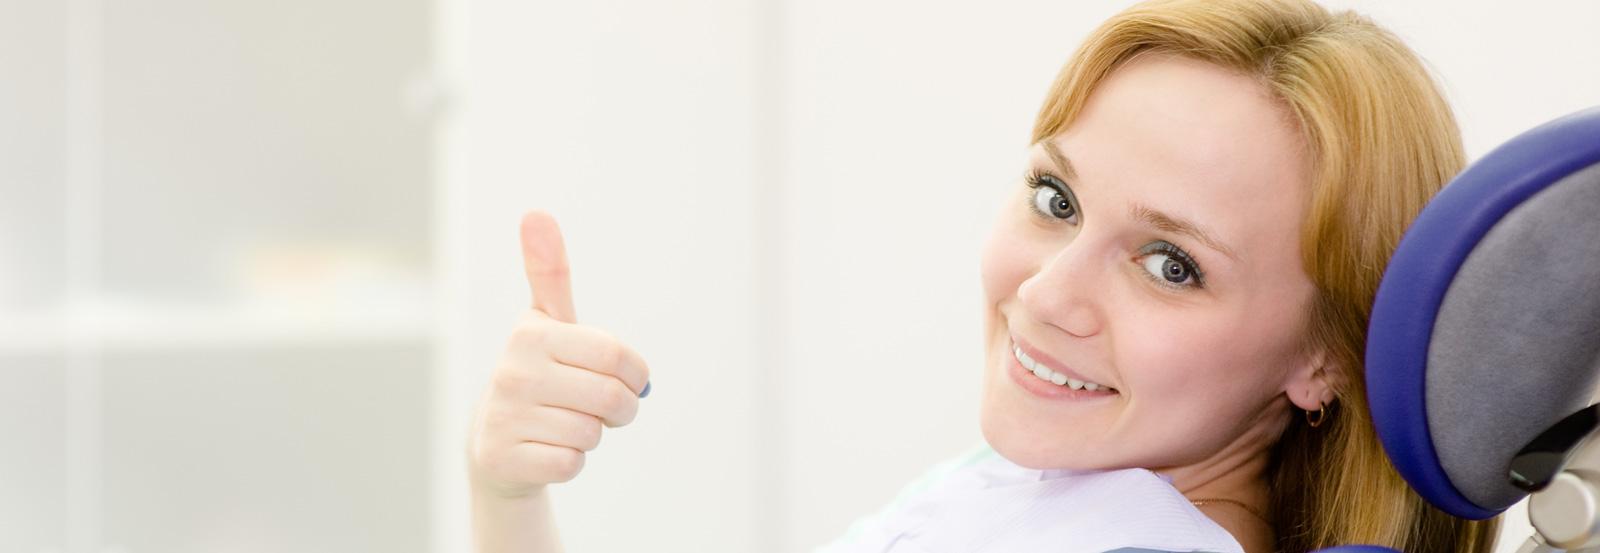 A woman in dental office